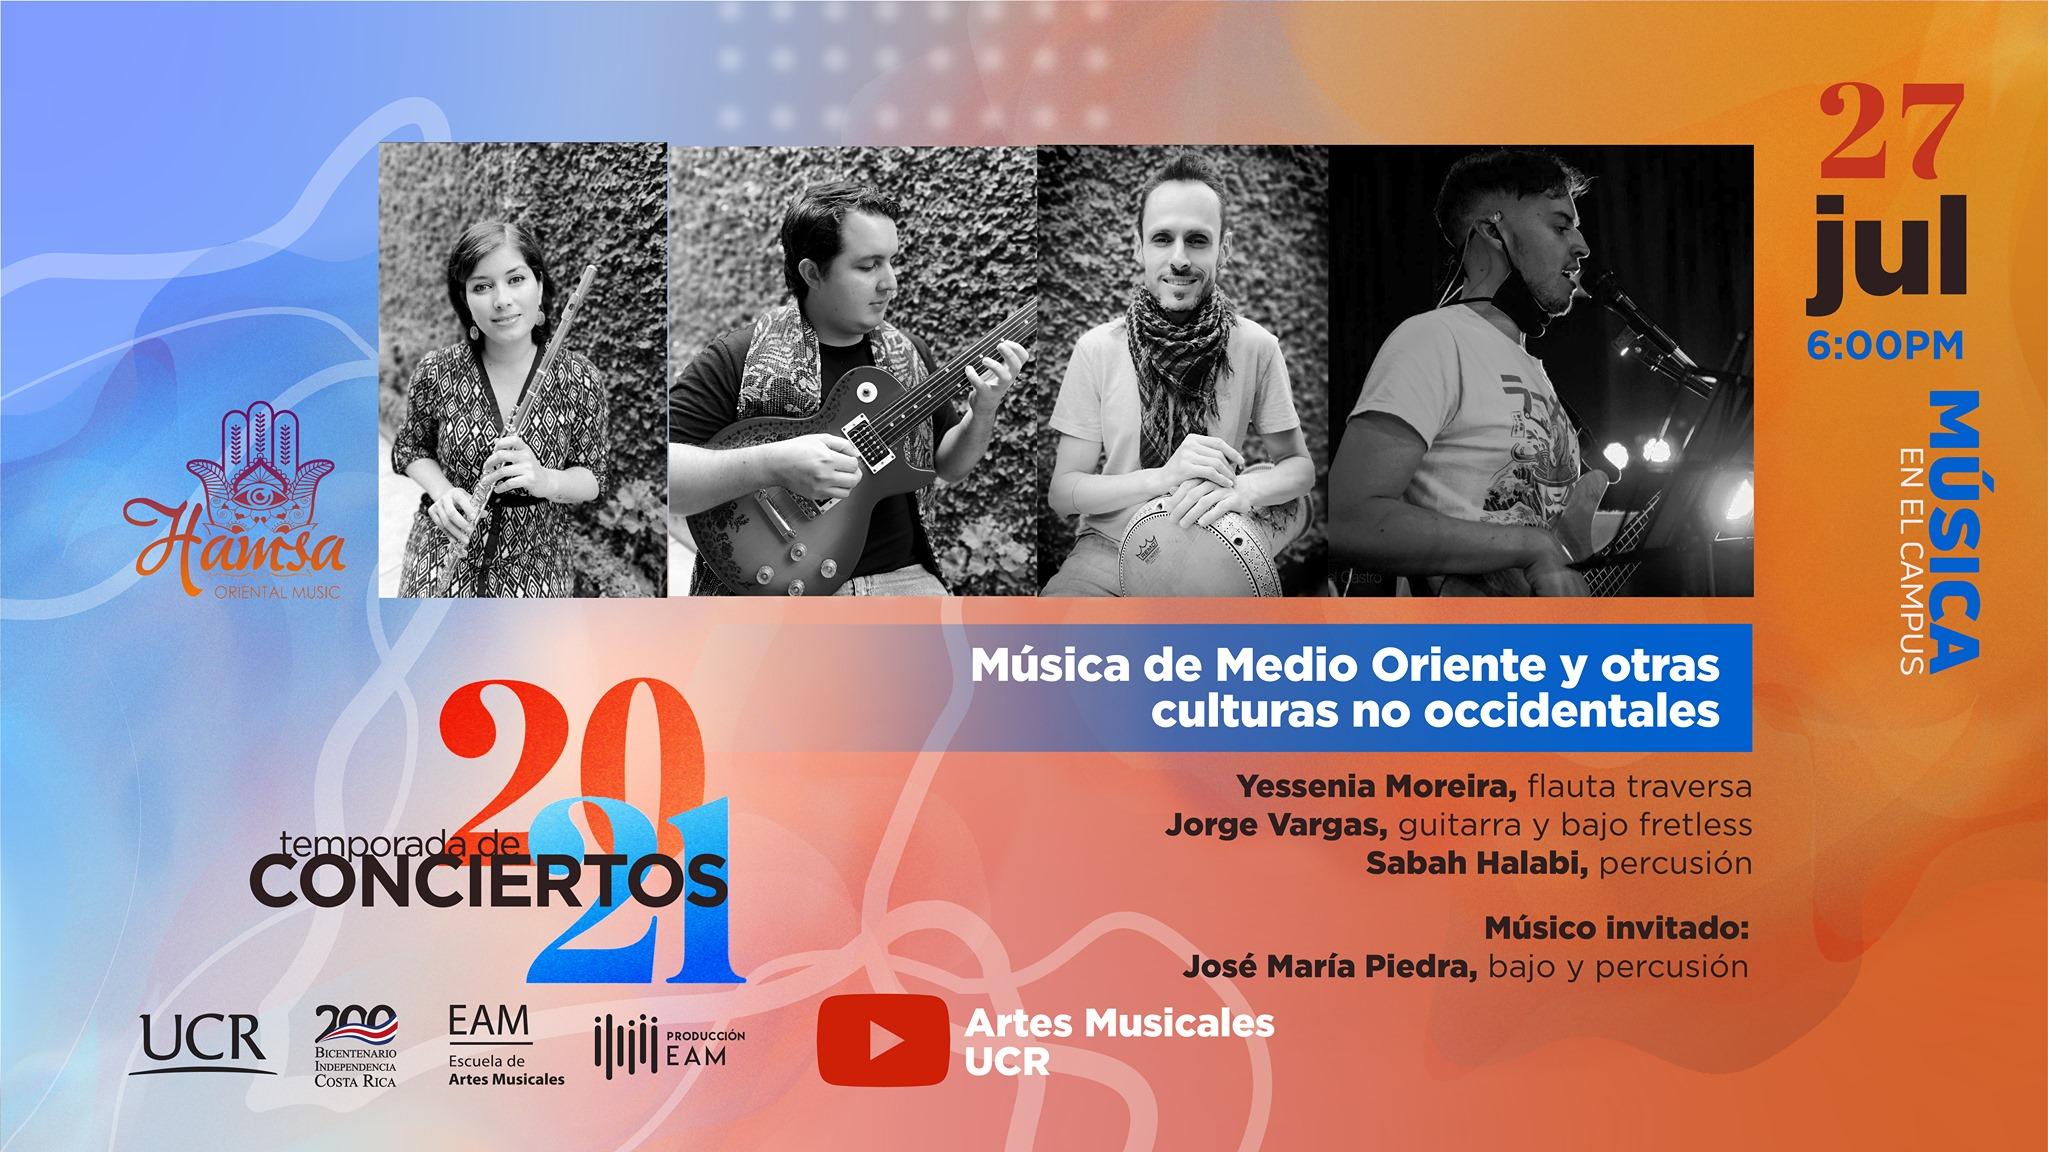 Música de Medio Oriente y otras culturas no occidentales